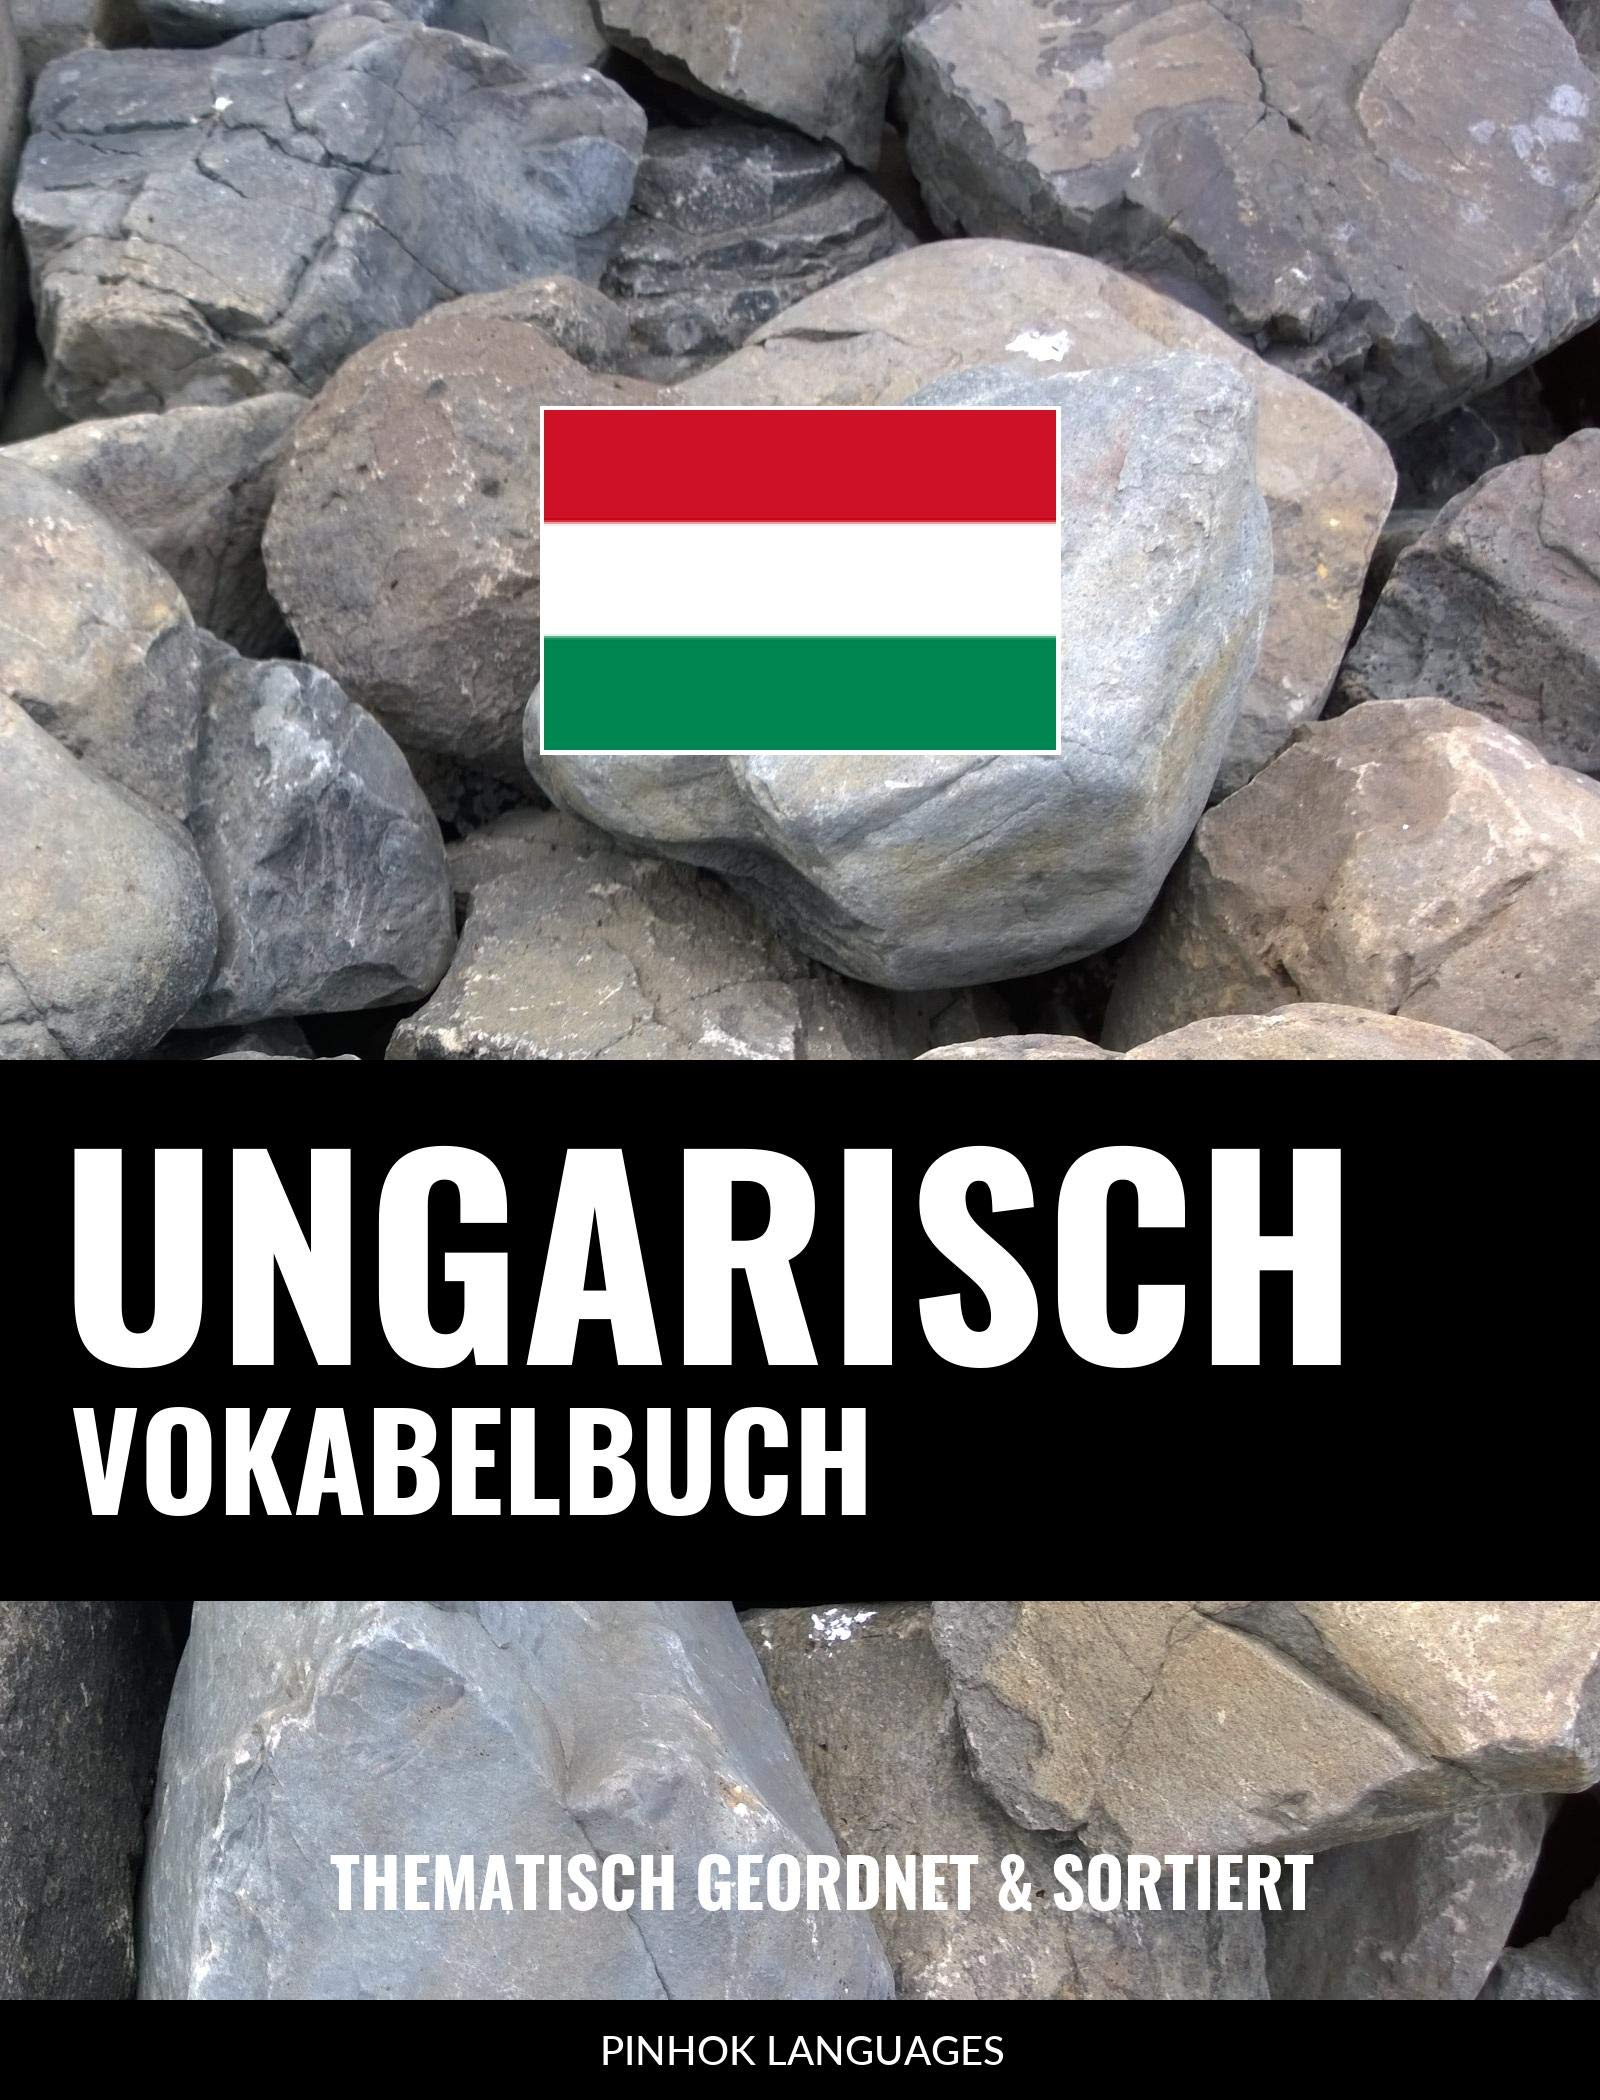 Ungarisch Vokabelbuch: Thematisch Gruppiert & Sortiert